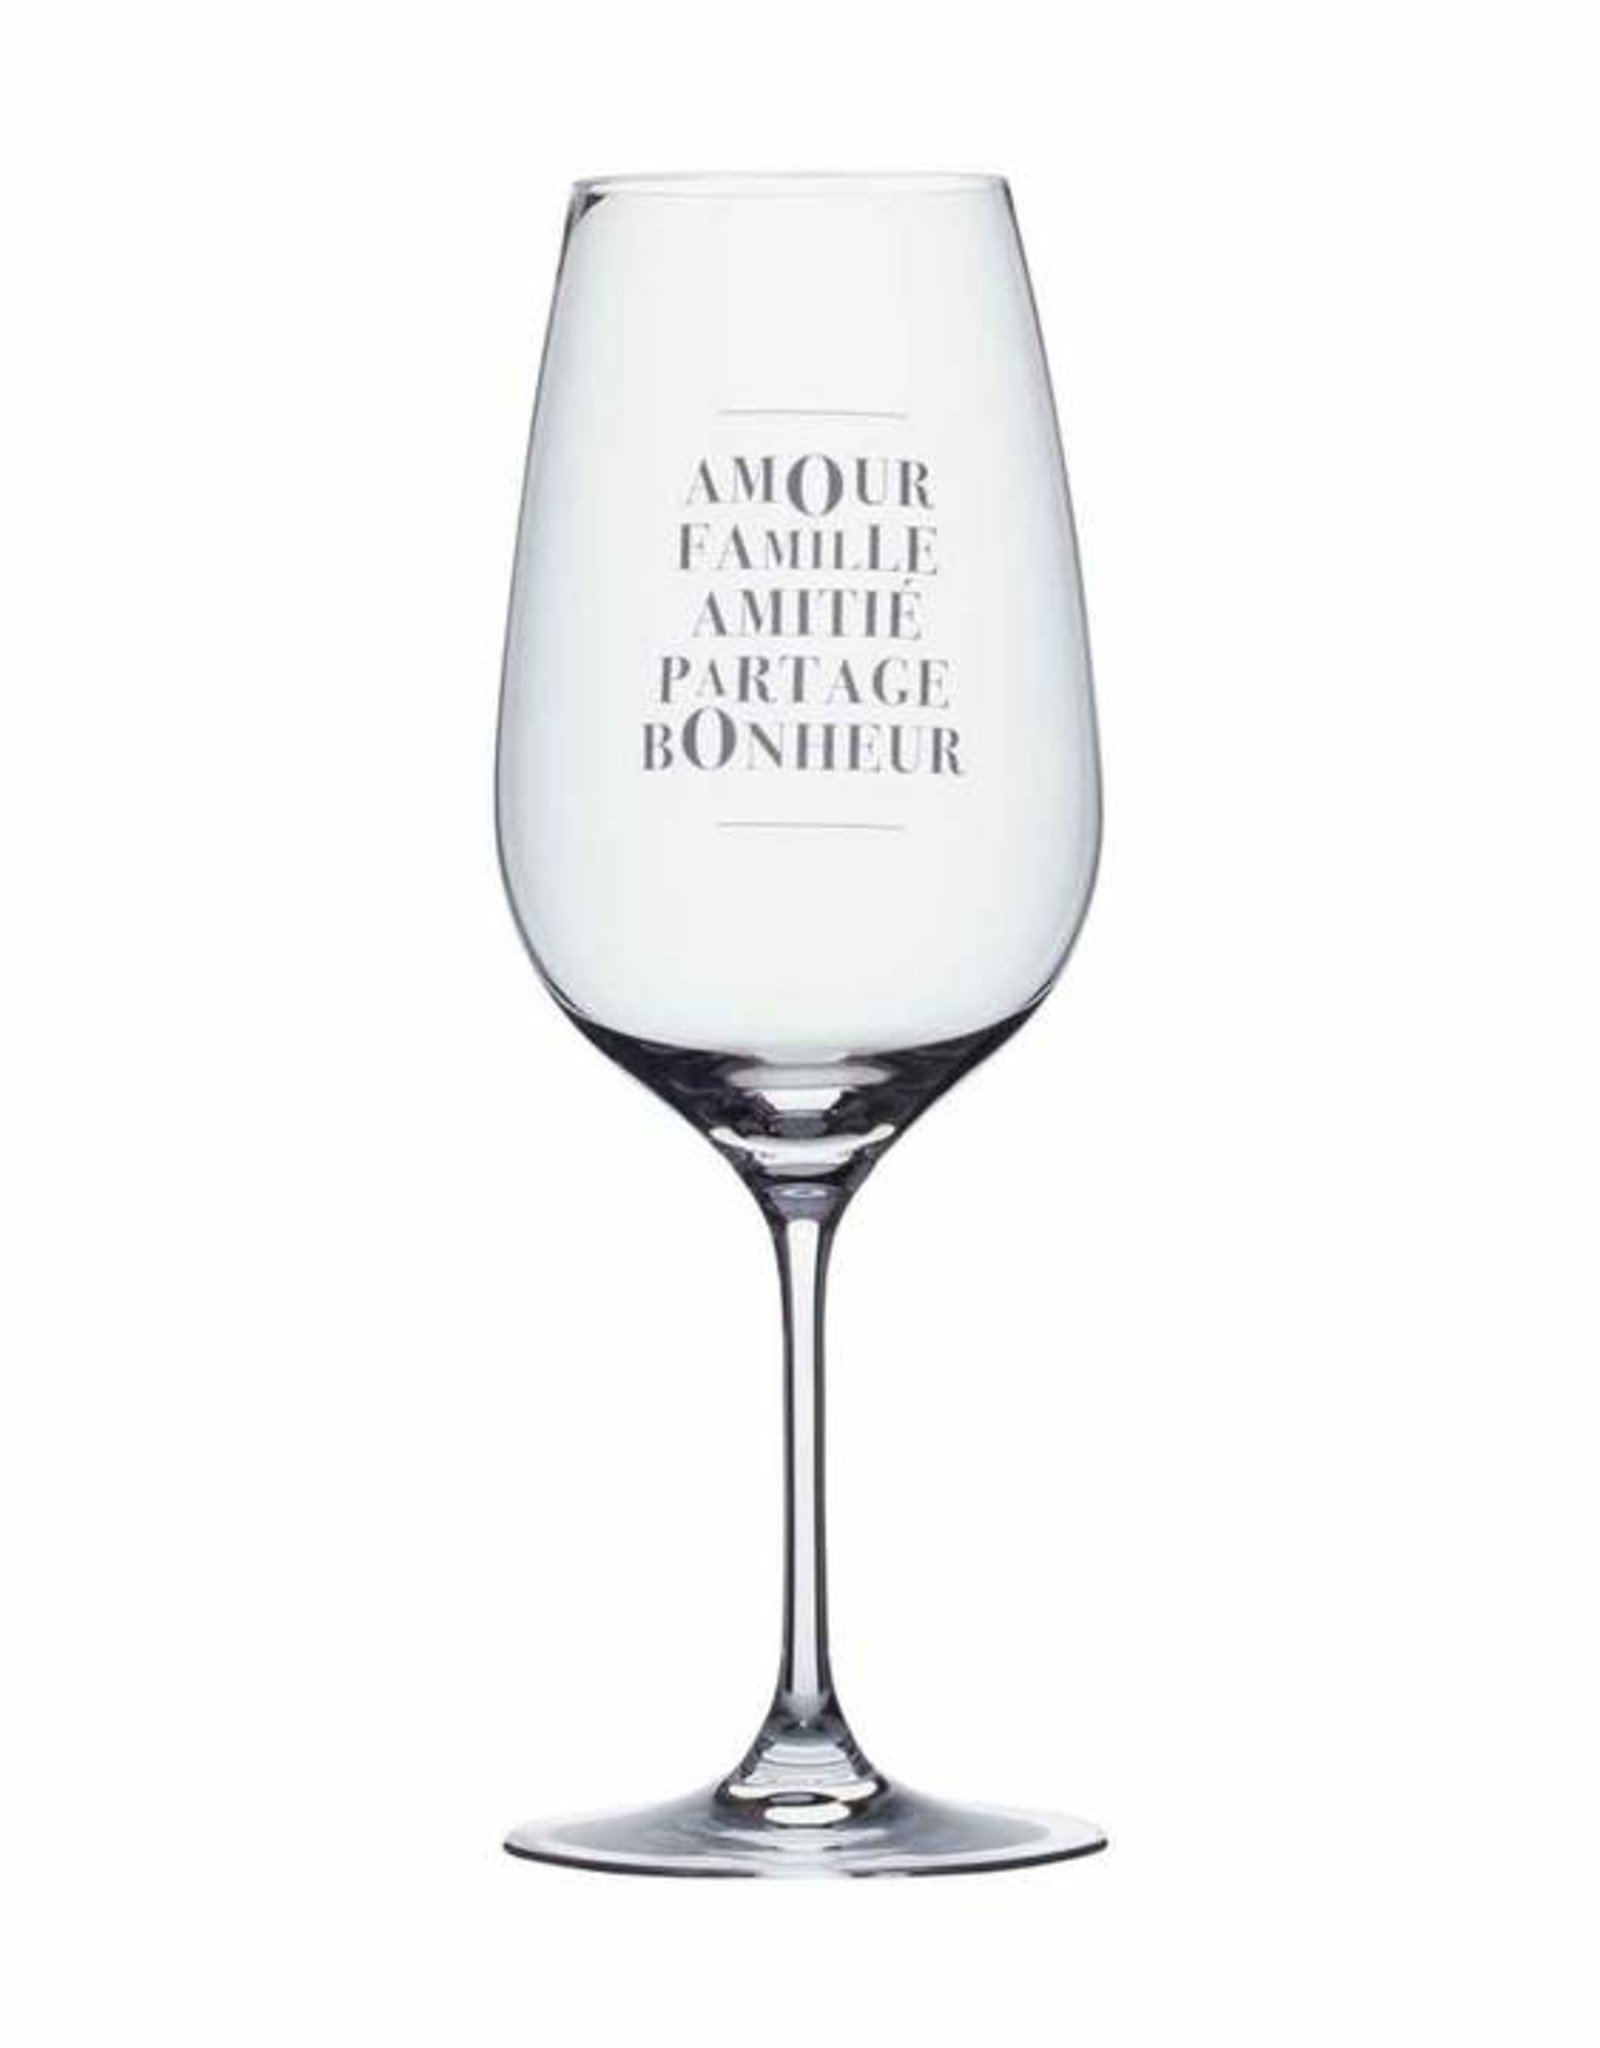 Wine Glasses Amour Famille Amitié